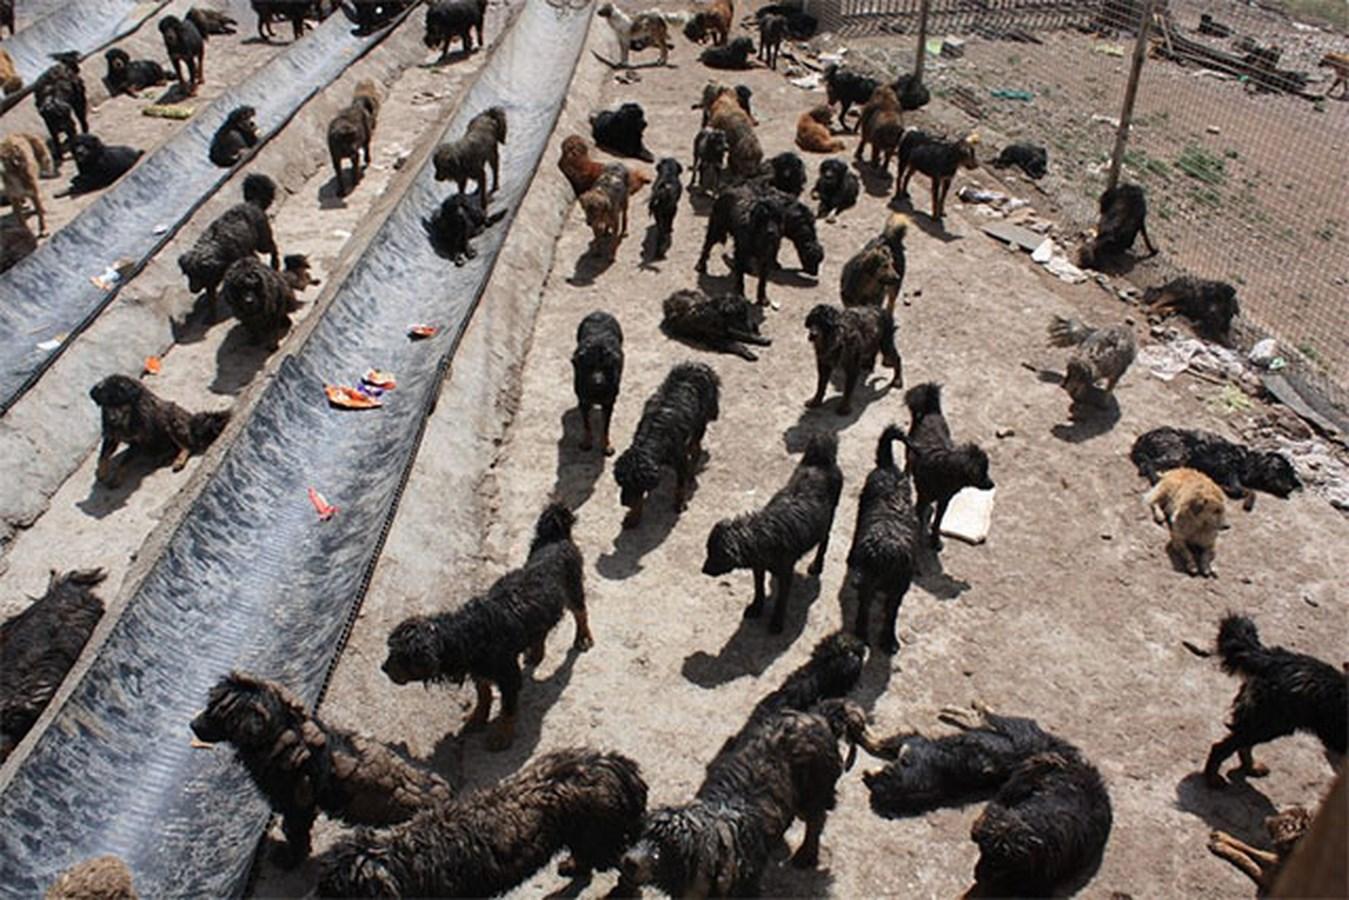 TQ: Chó ngao Tây Tạng kết đàn hùng hậu đi phá xóm làng - 2